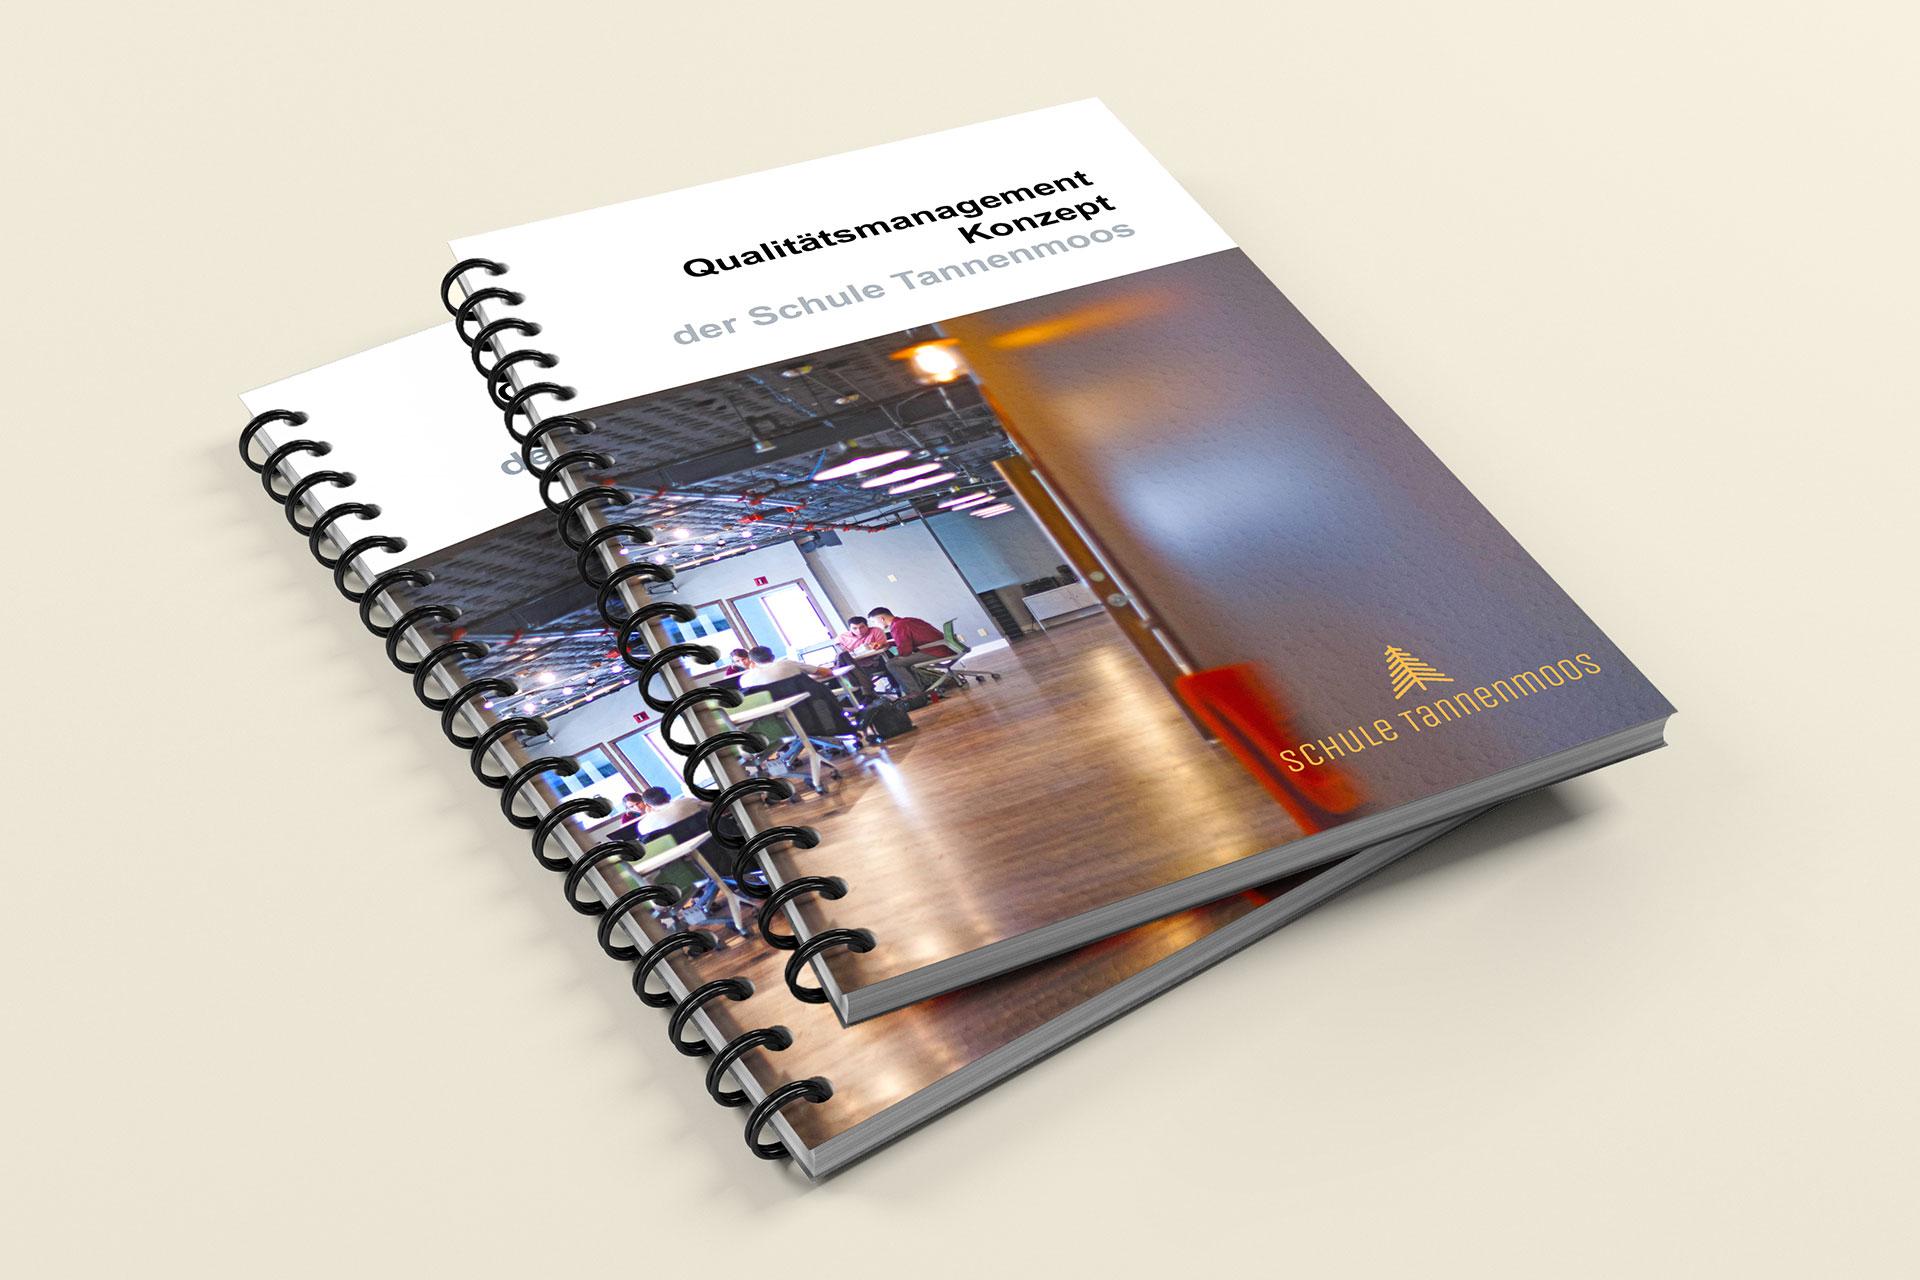 zwei Broschüren des Qualitätsmanagment Konzept der Schule Tannenmoos (Beispiel)